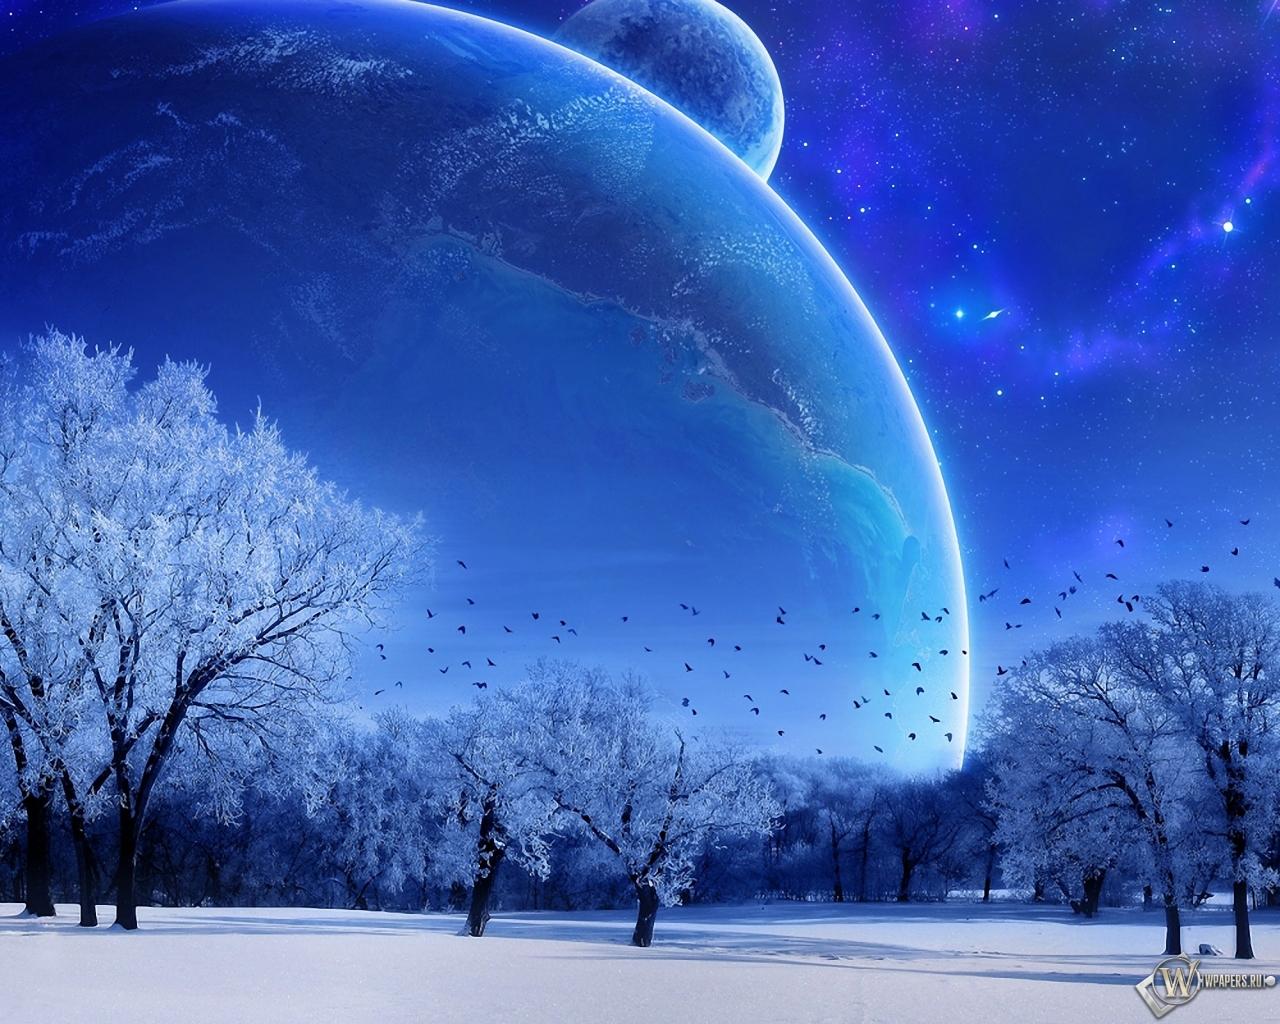 Зимняя фантазия 1280x1024